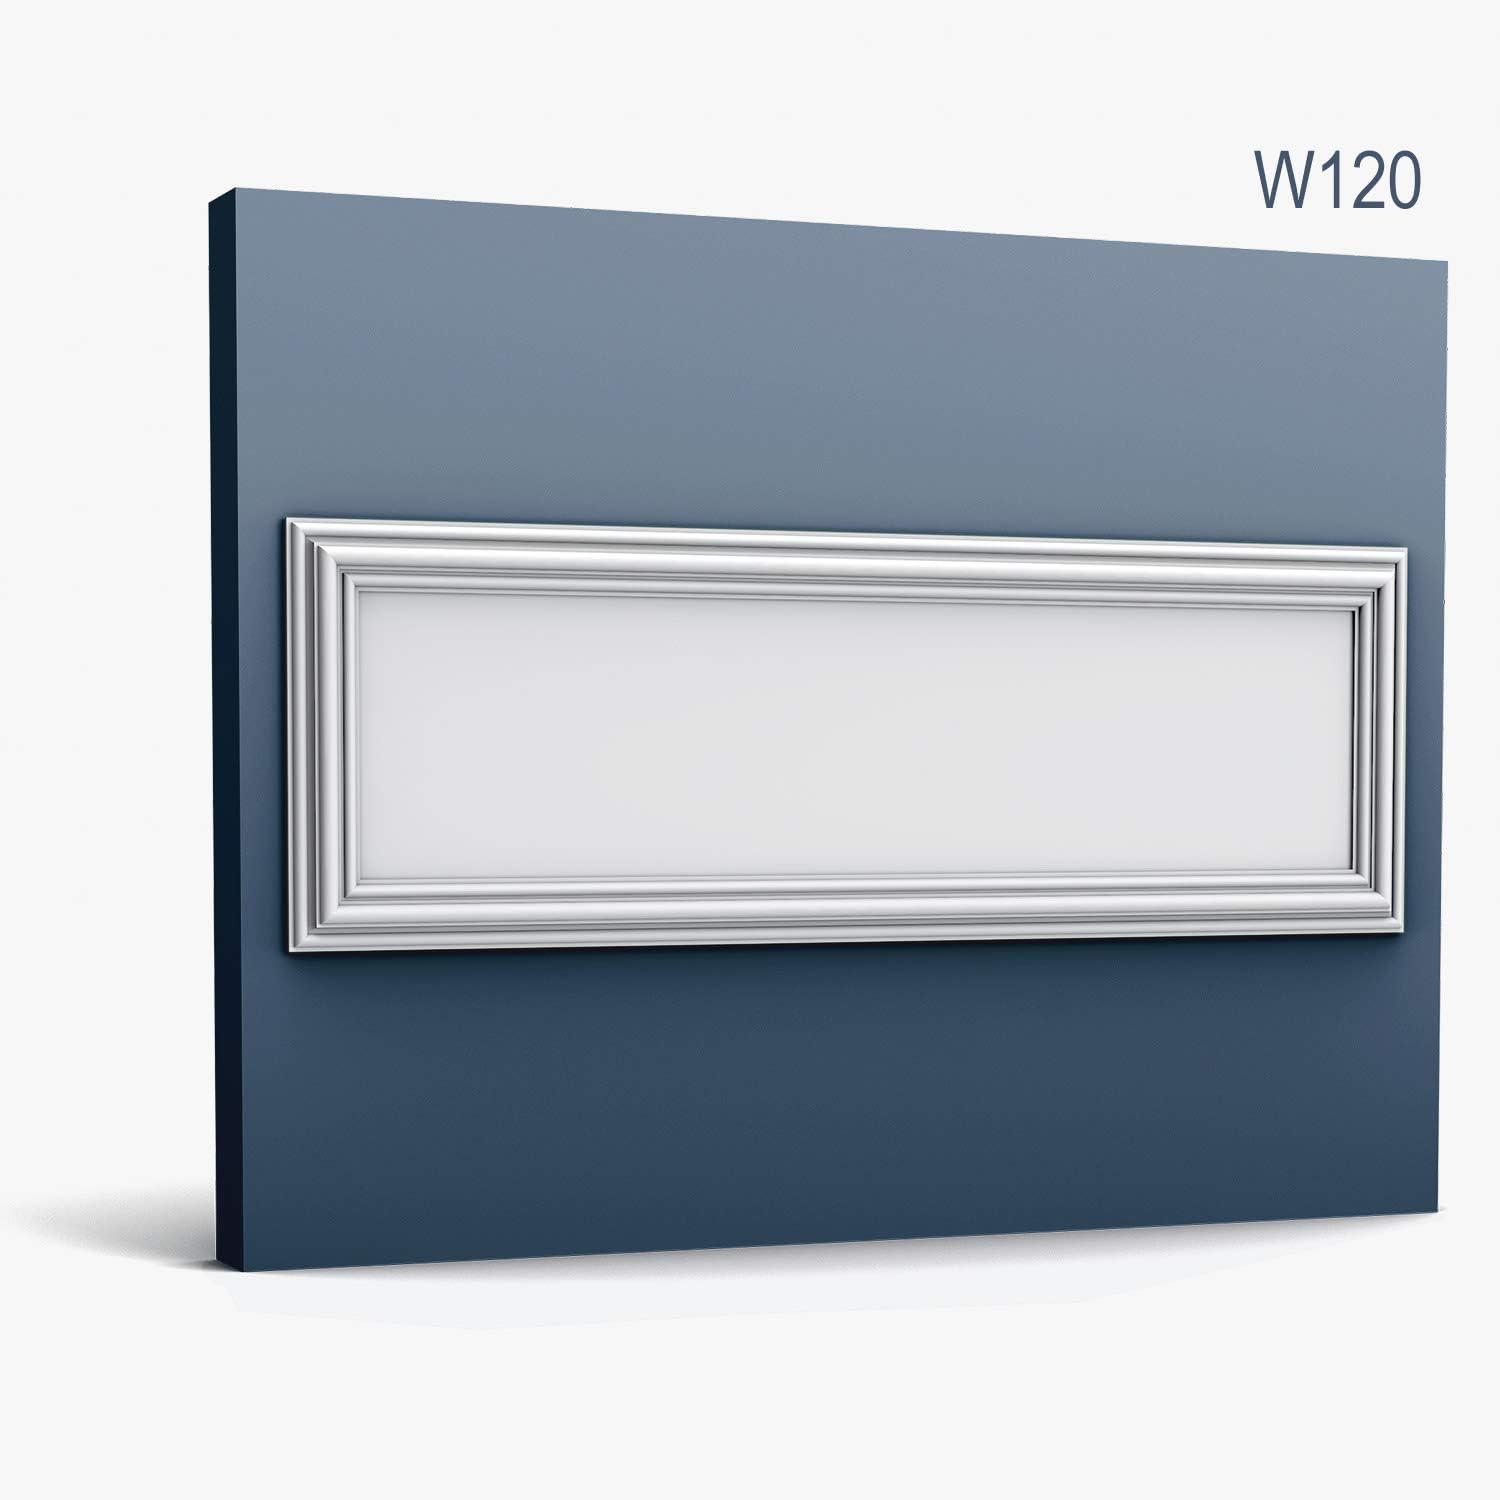 3d panneau mural Orac Decor W120 LUXXUS AUTOIRE Dalle pour mur et plafond /Élement d/écorative design intemporel classique blanc